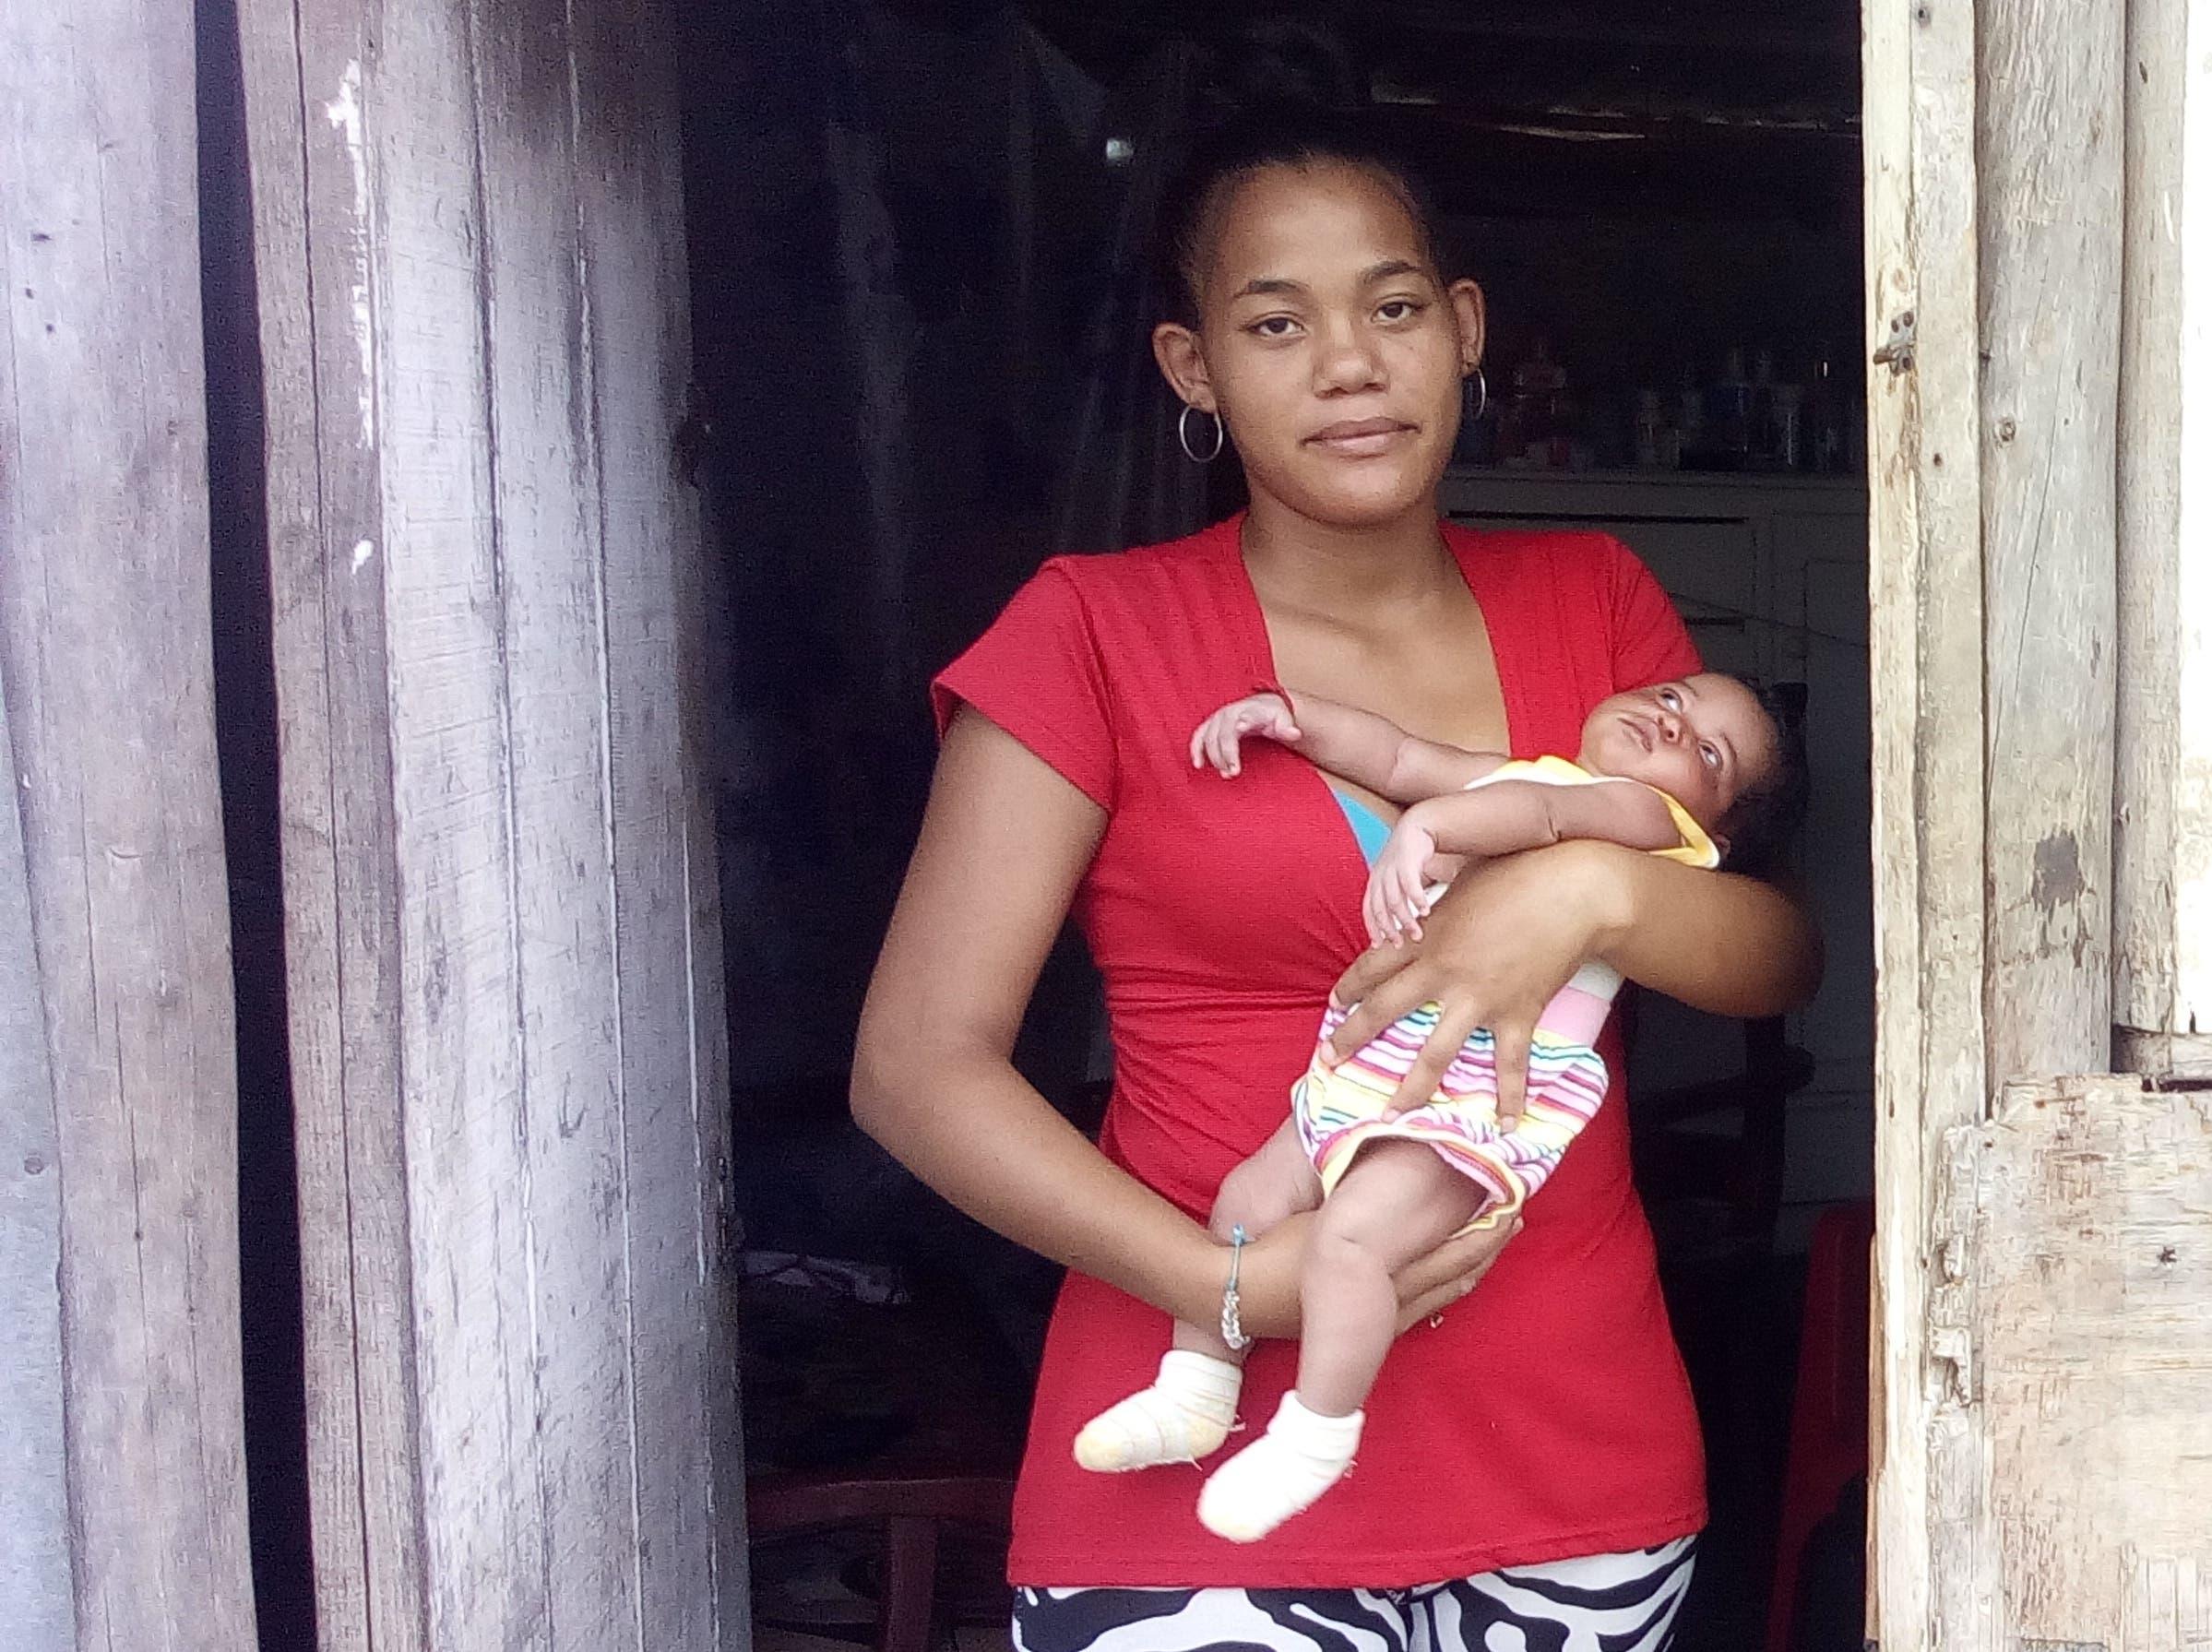 Esta madre creía que le habían cambiado su hija por otra, pero recibió una sorpresa